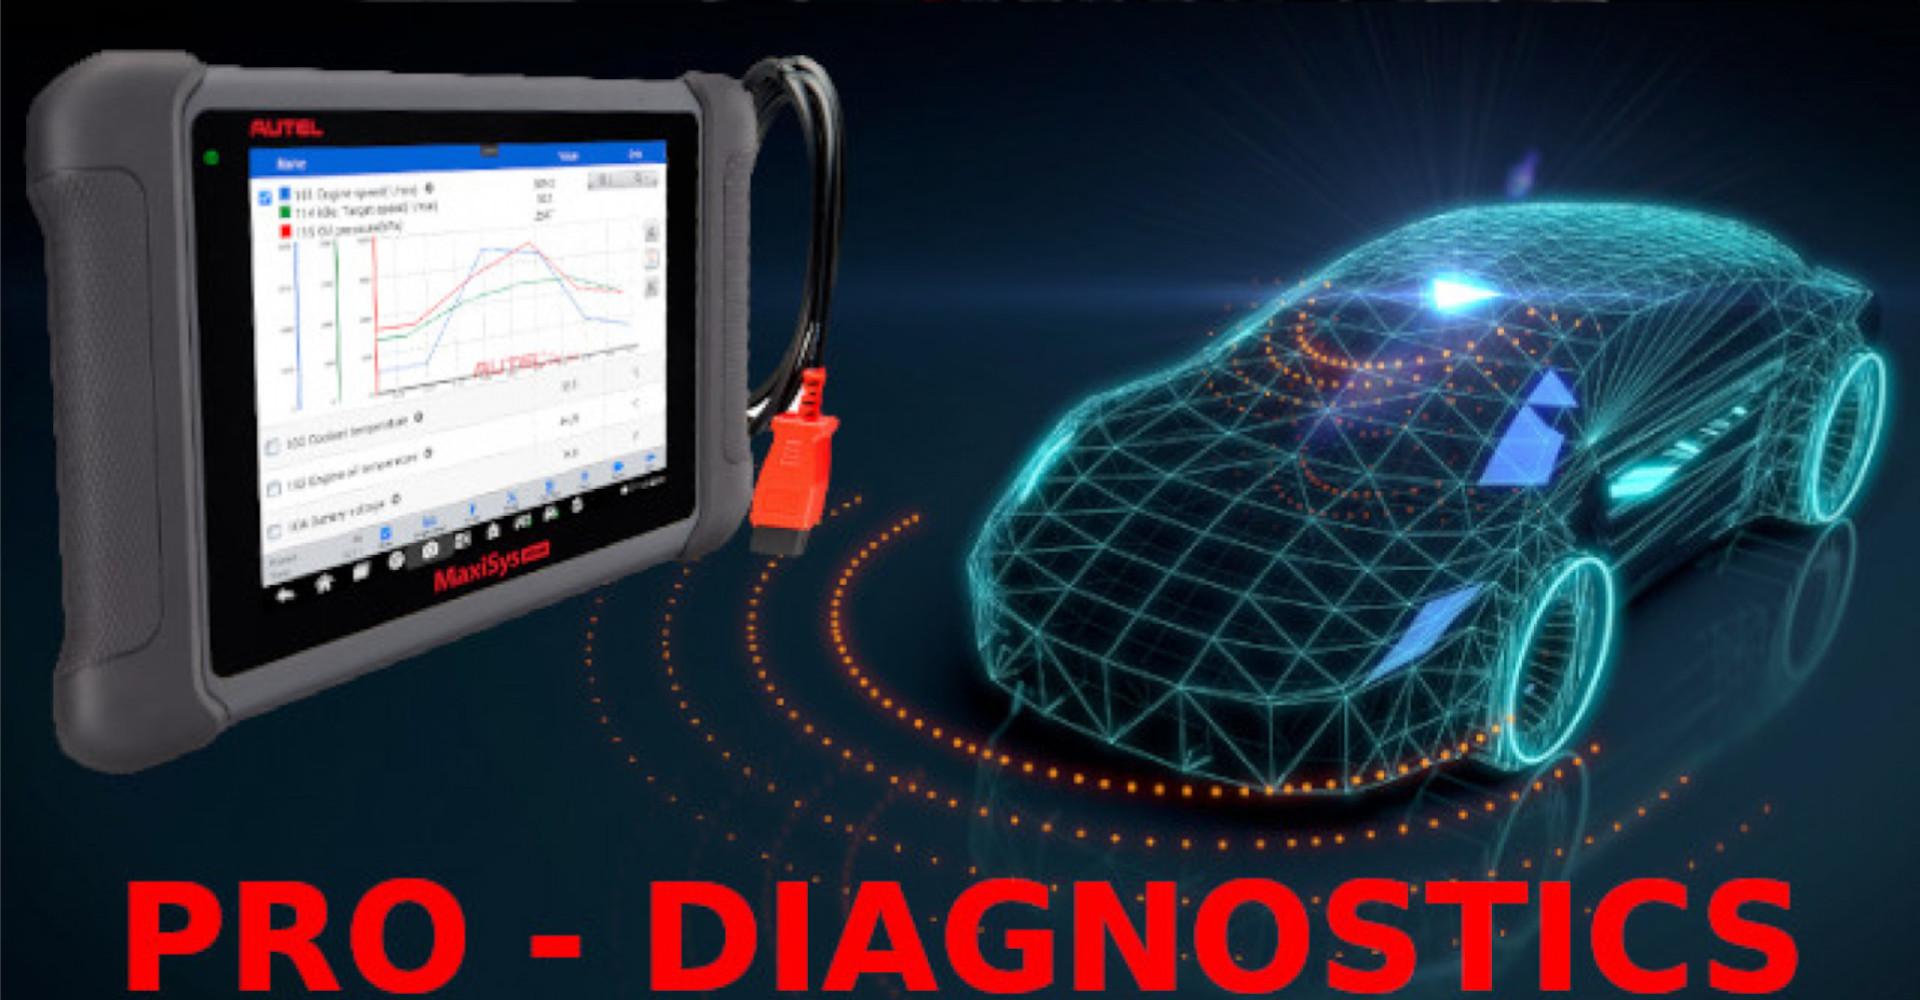 Professional Diagnostic Tools